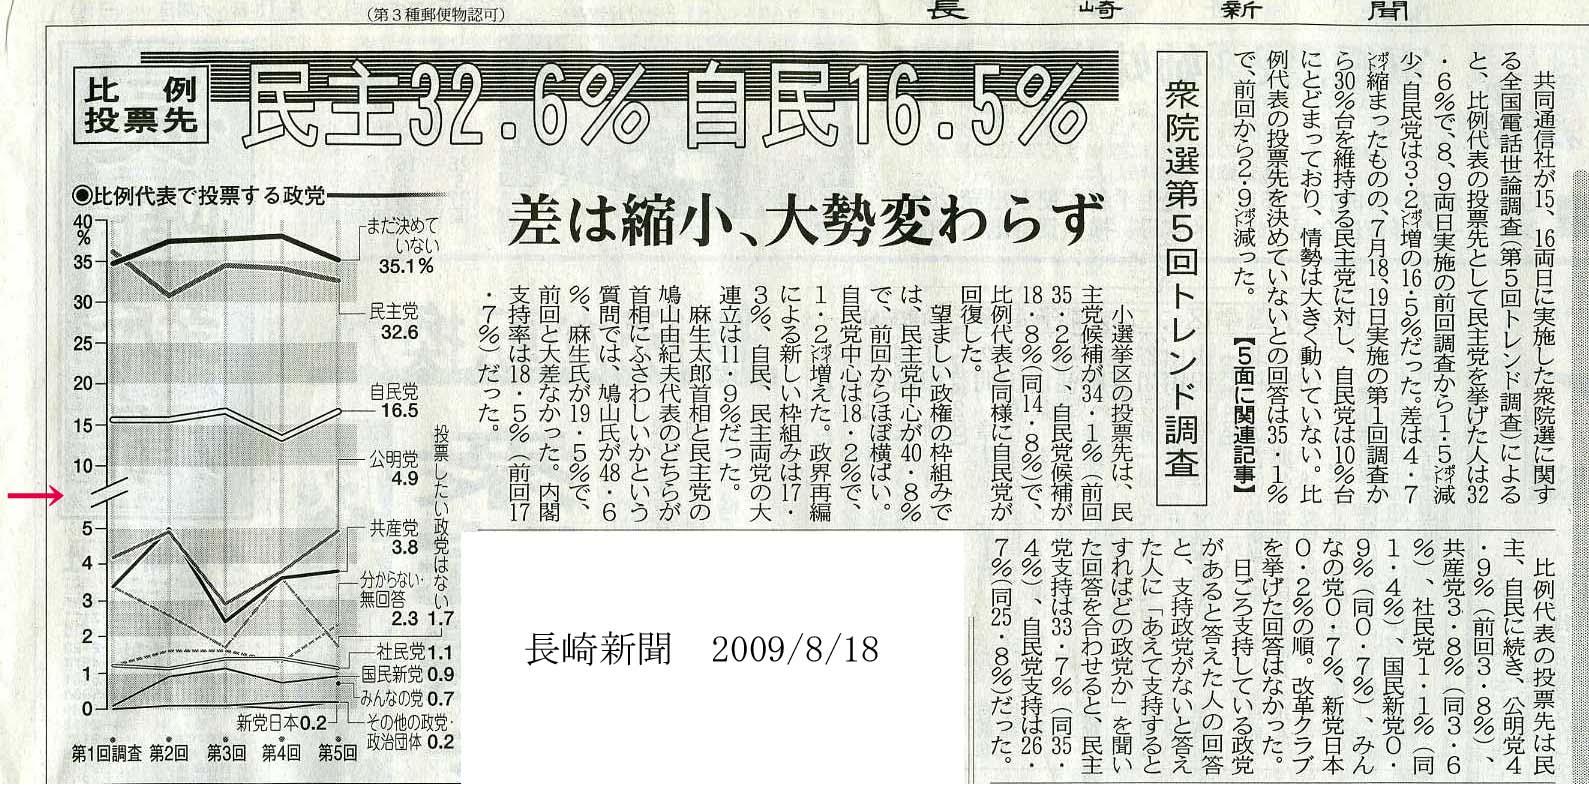 長崎新聞の抵抗(三連発)_c0052876_110273.jpg